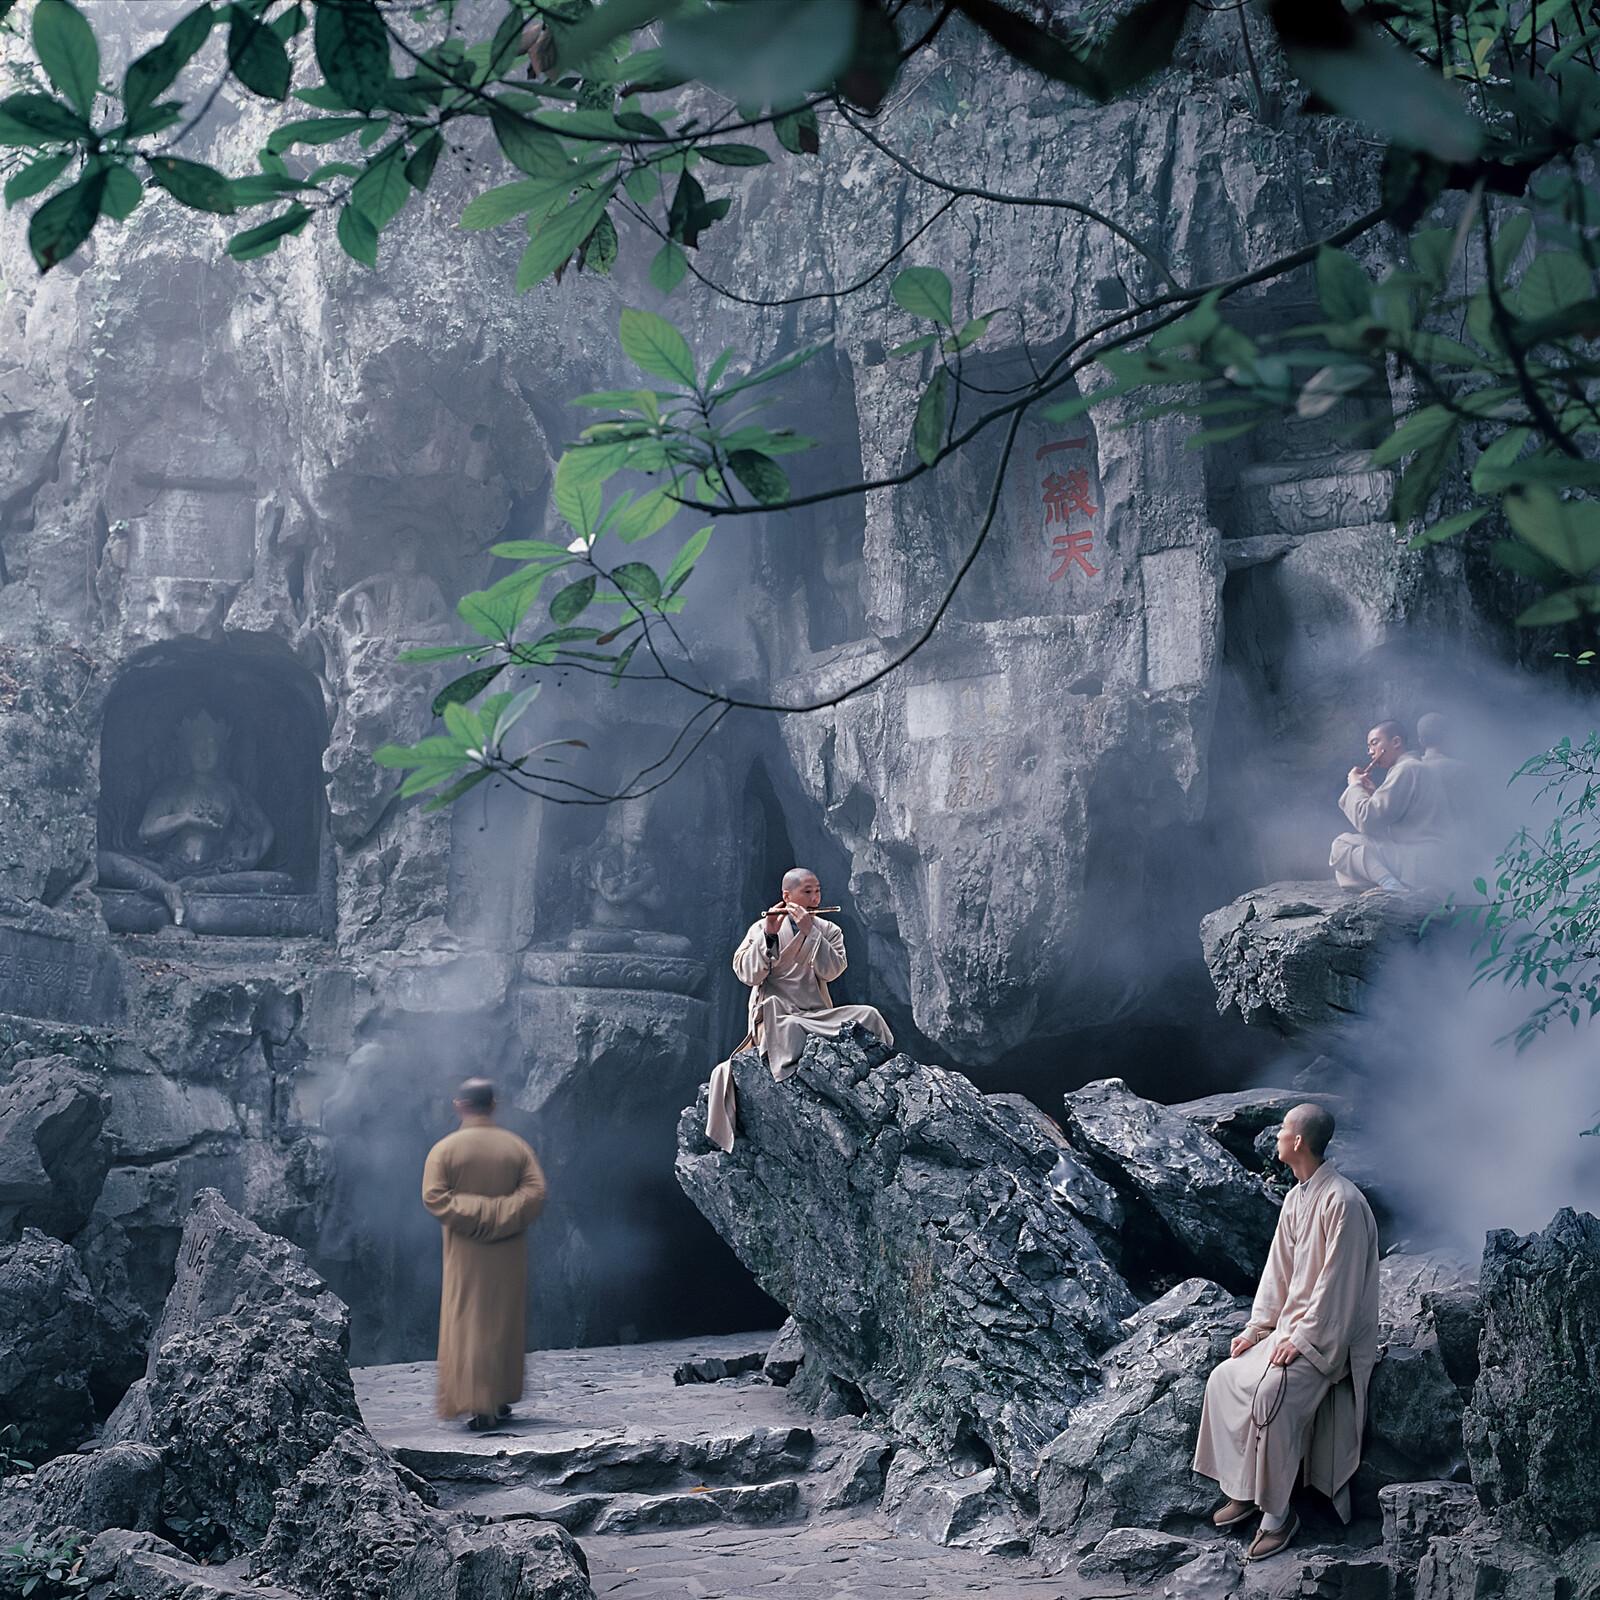 Shramana - Zhang Wang